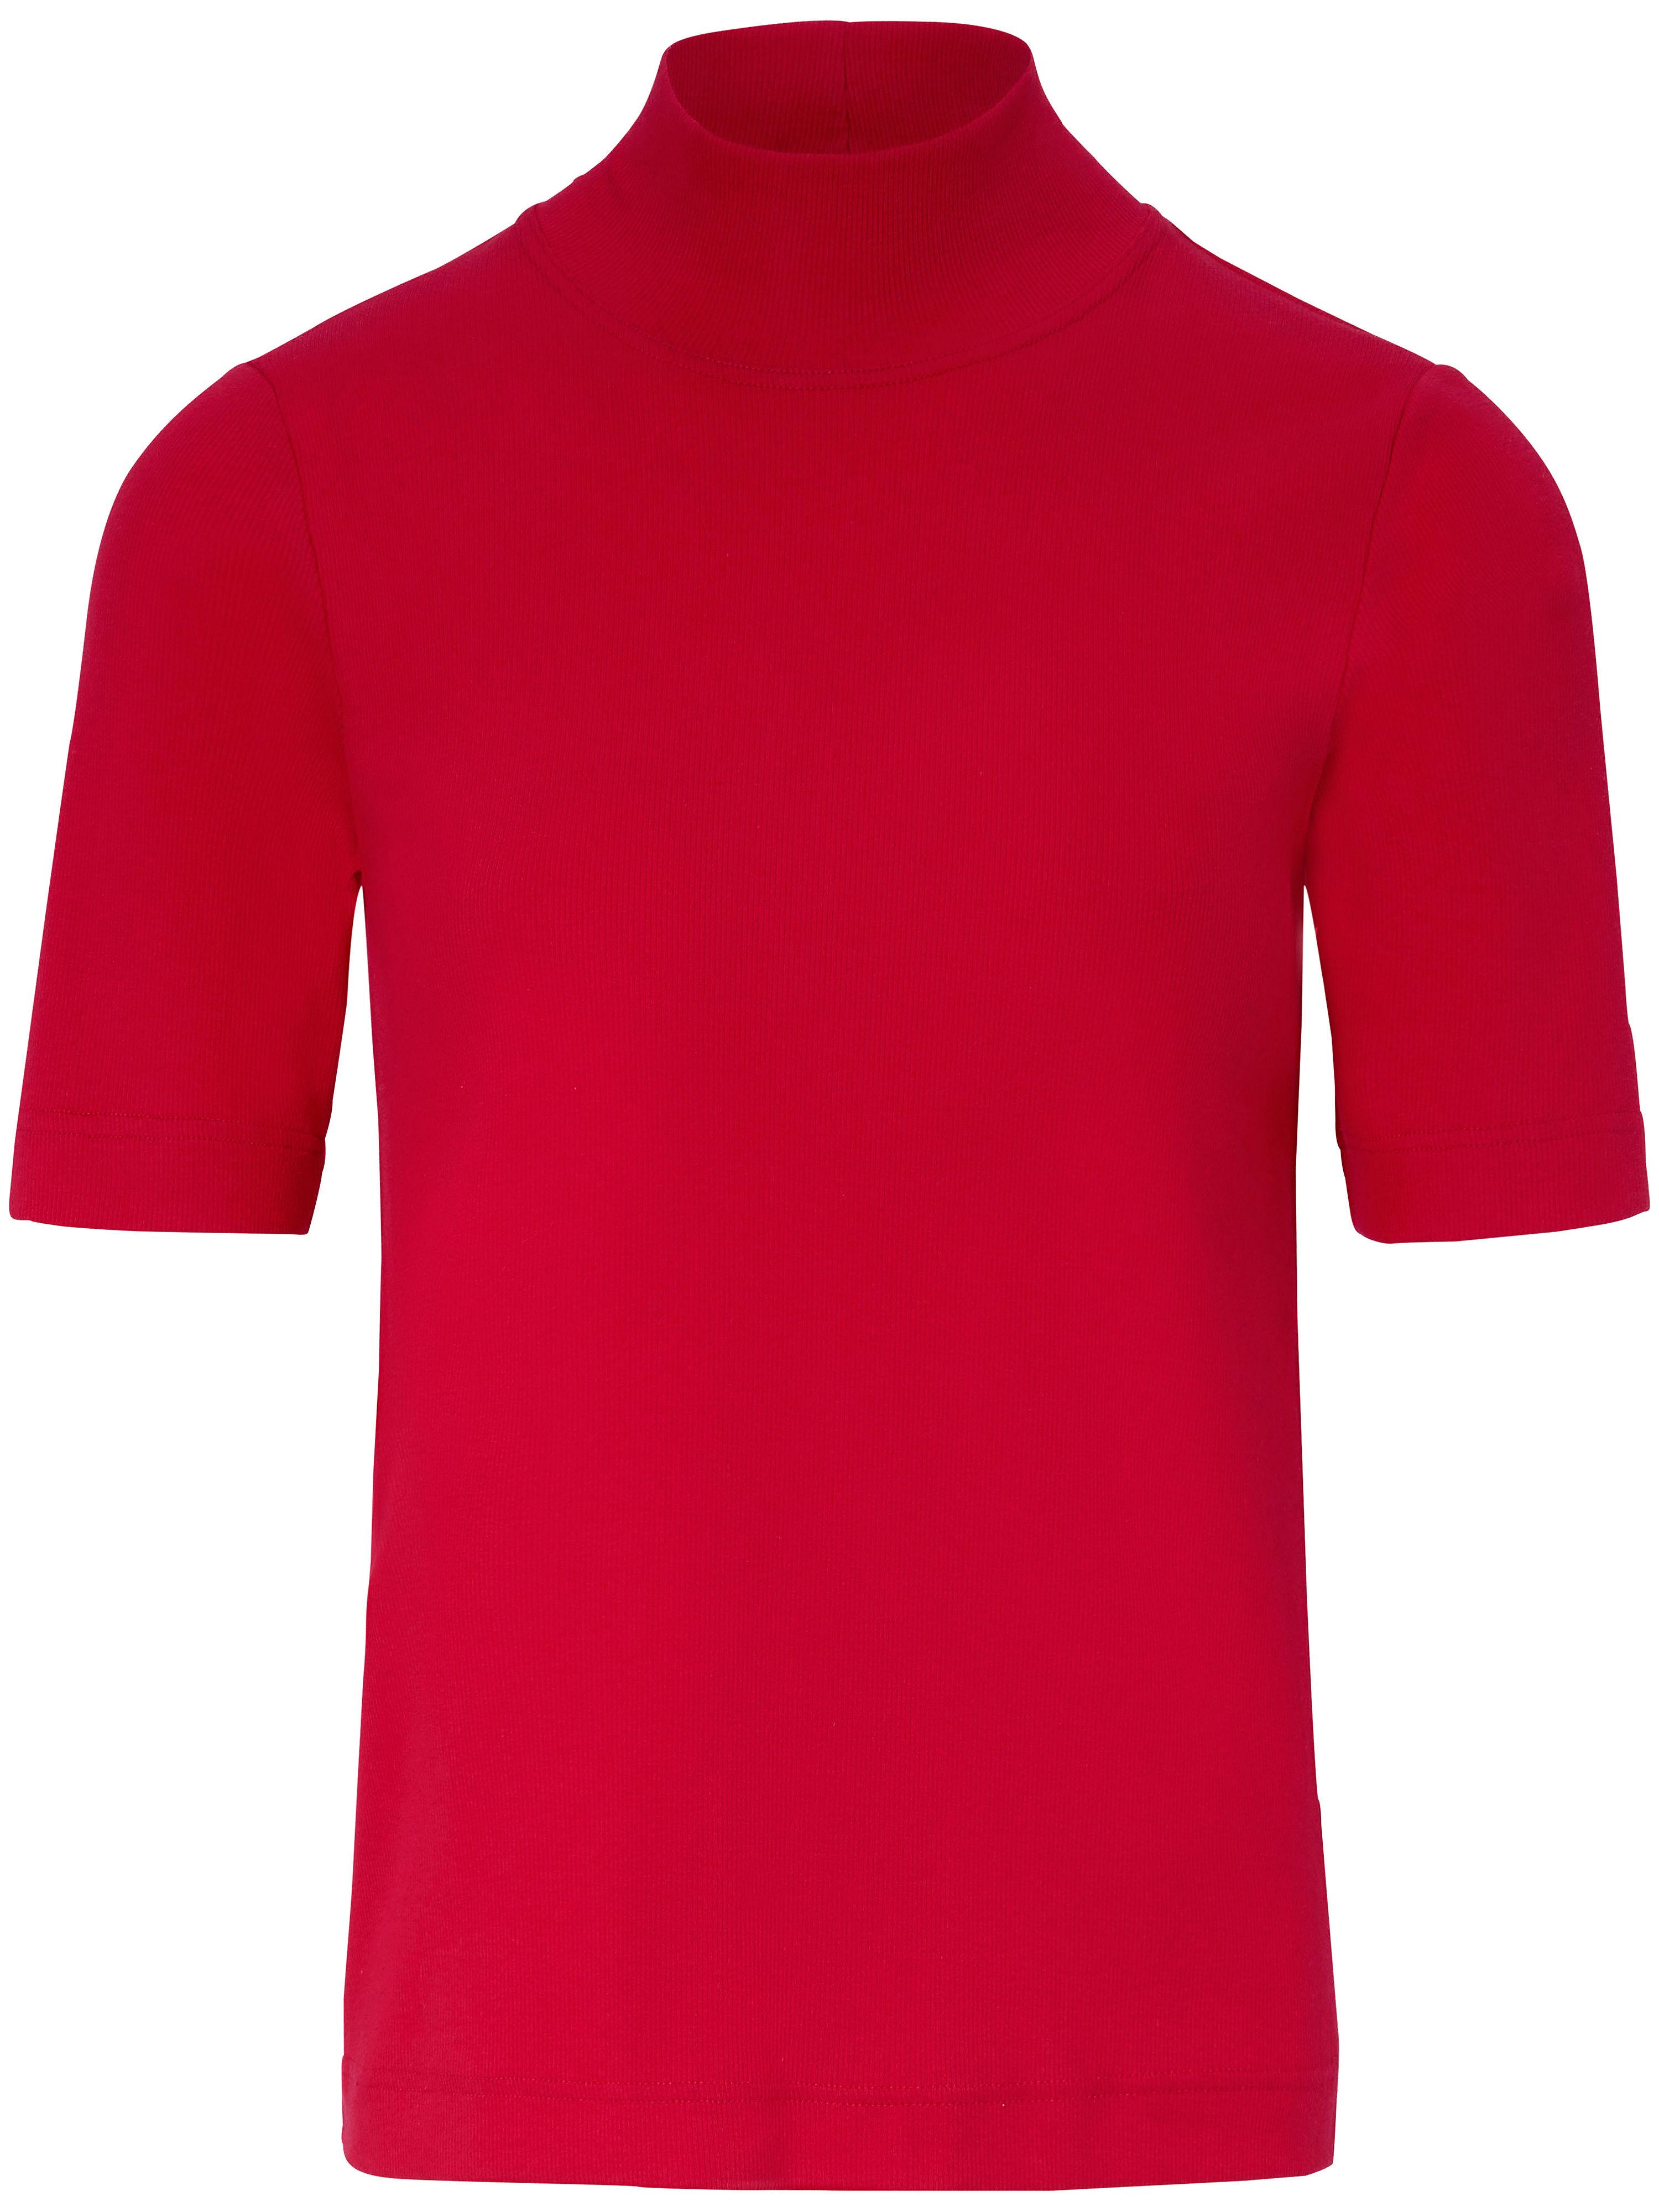 Image of   Bluse Fra Looxent rød